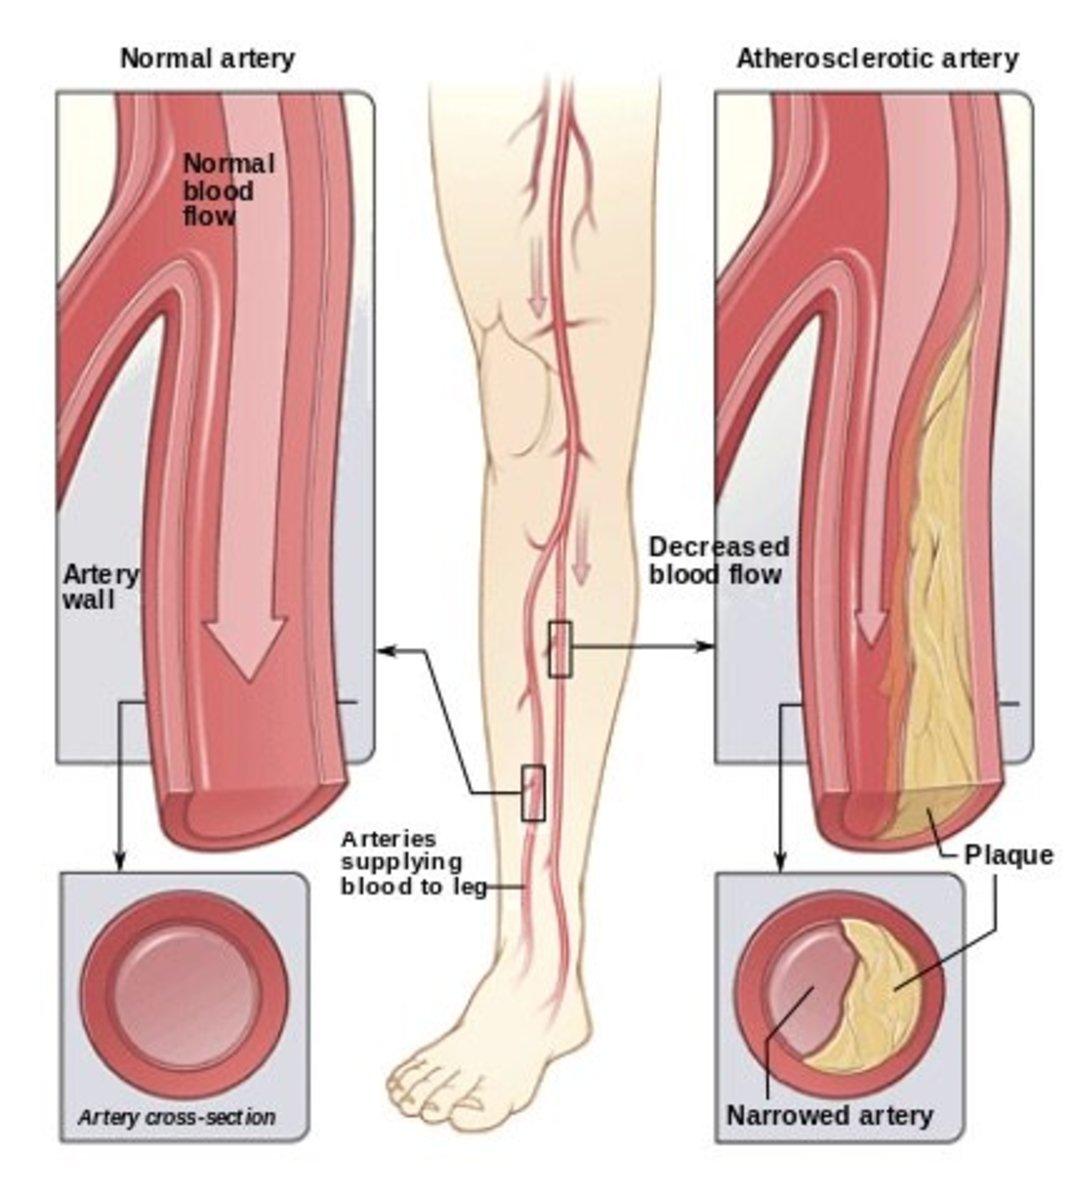 Peripheral artery, arterial or vascular disease